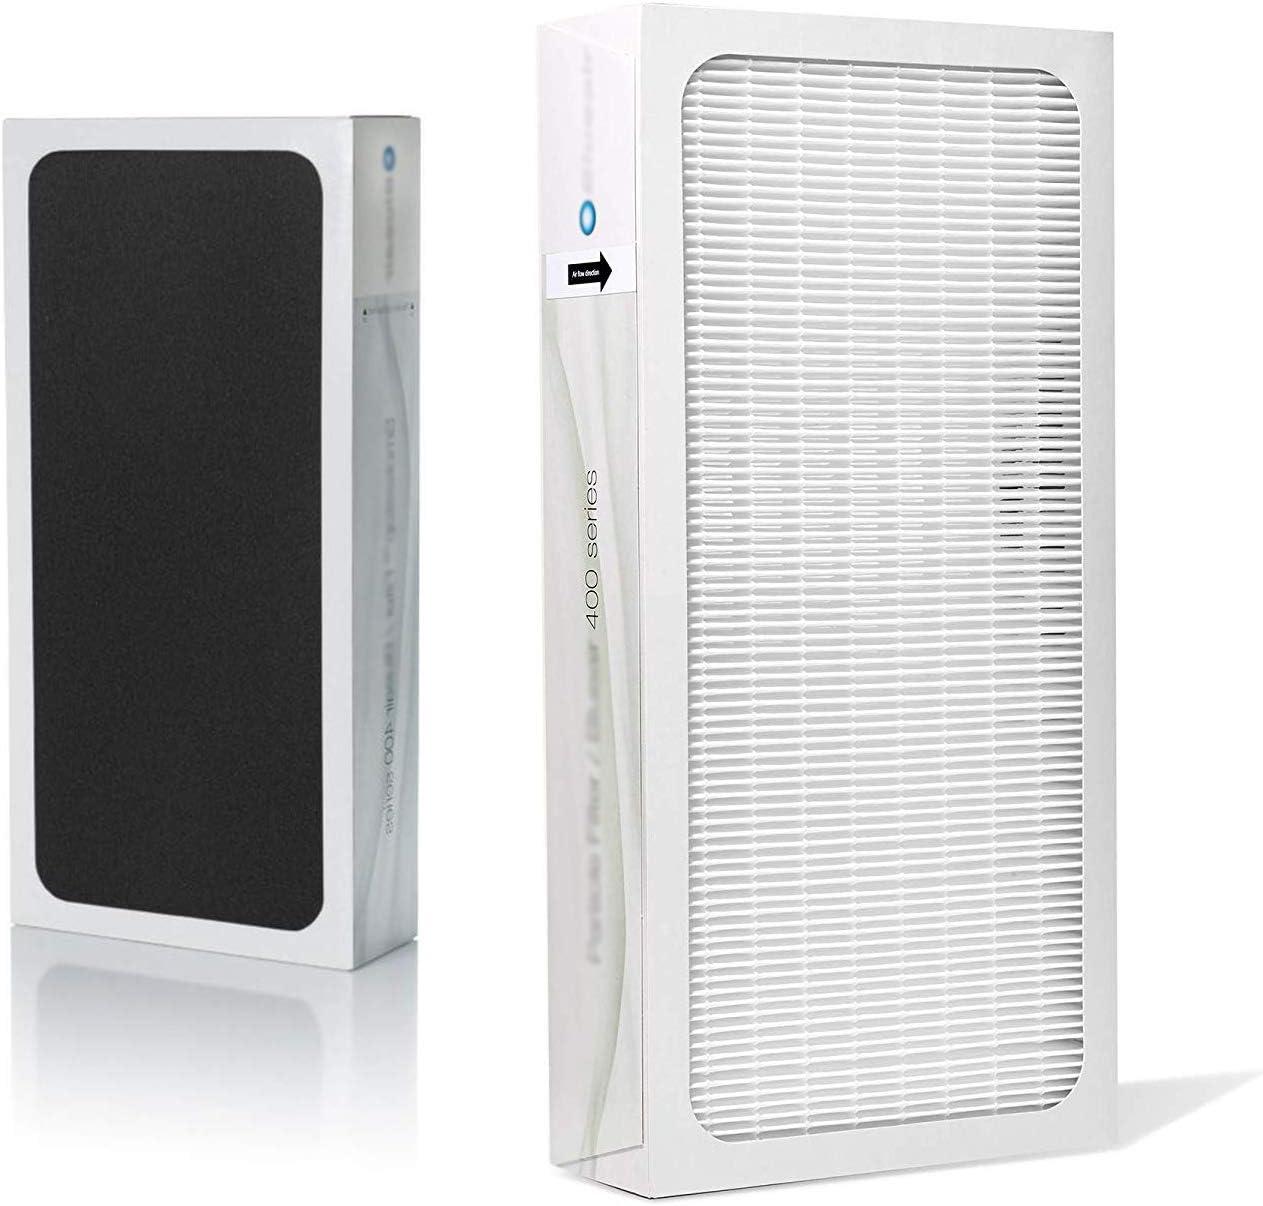 LongRong Hepa - Filtro de carbón activo para Blueair Classic 400 Series compatible con 410 402 403 405 450E 455EB 480i purificador de aire